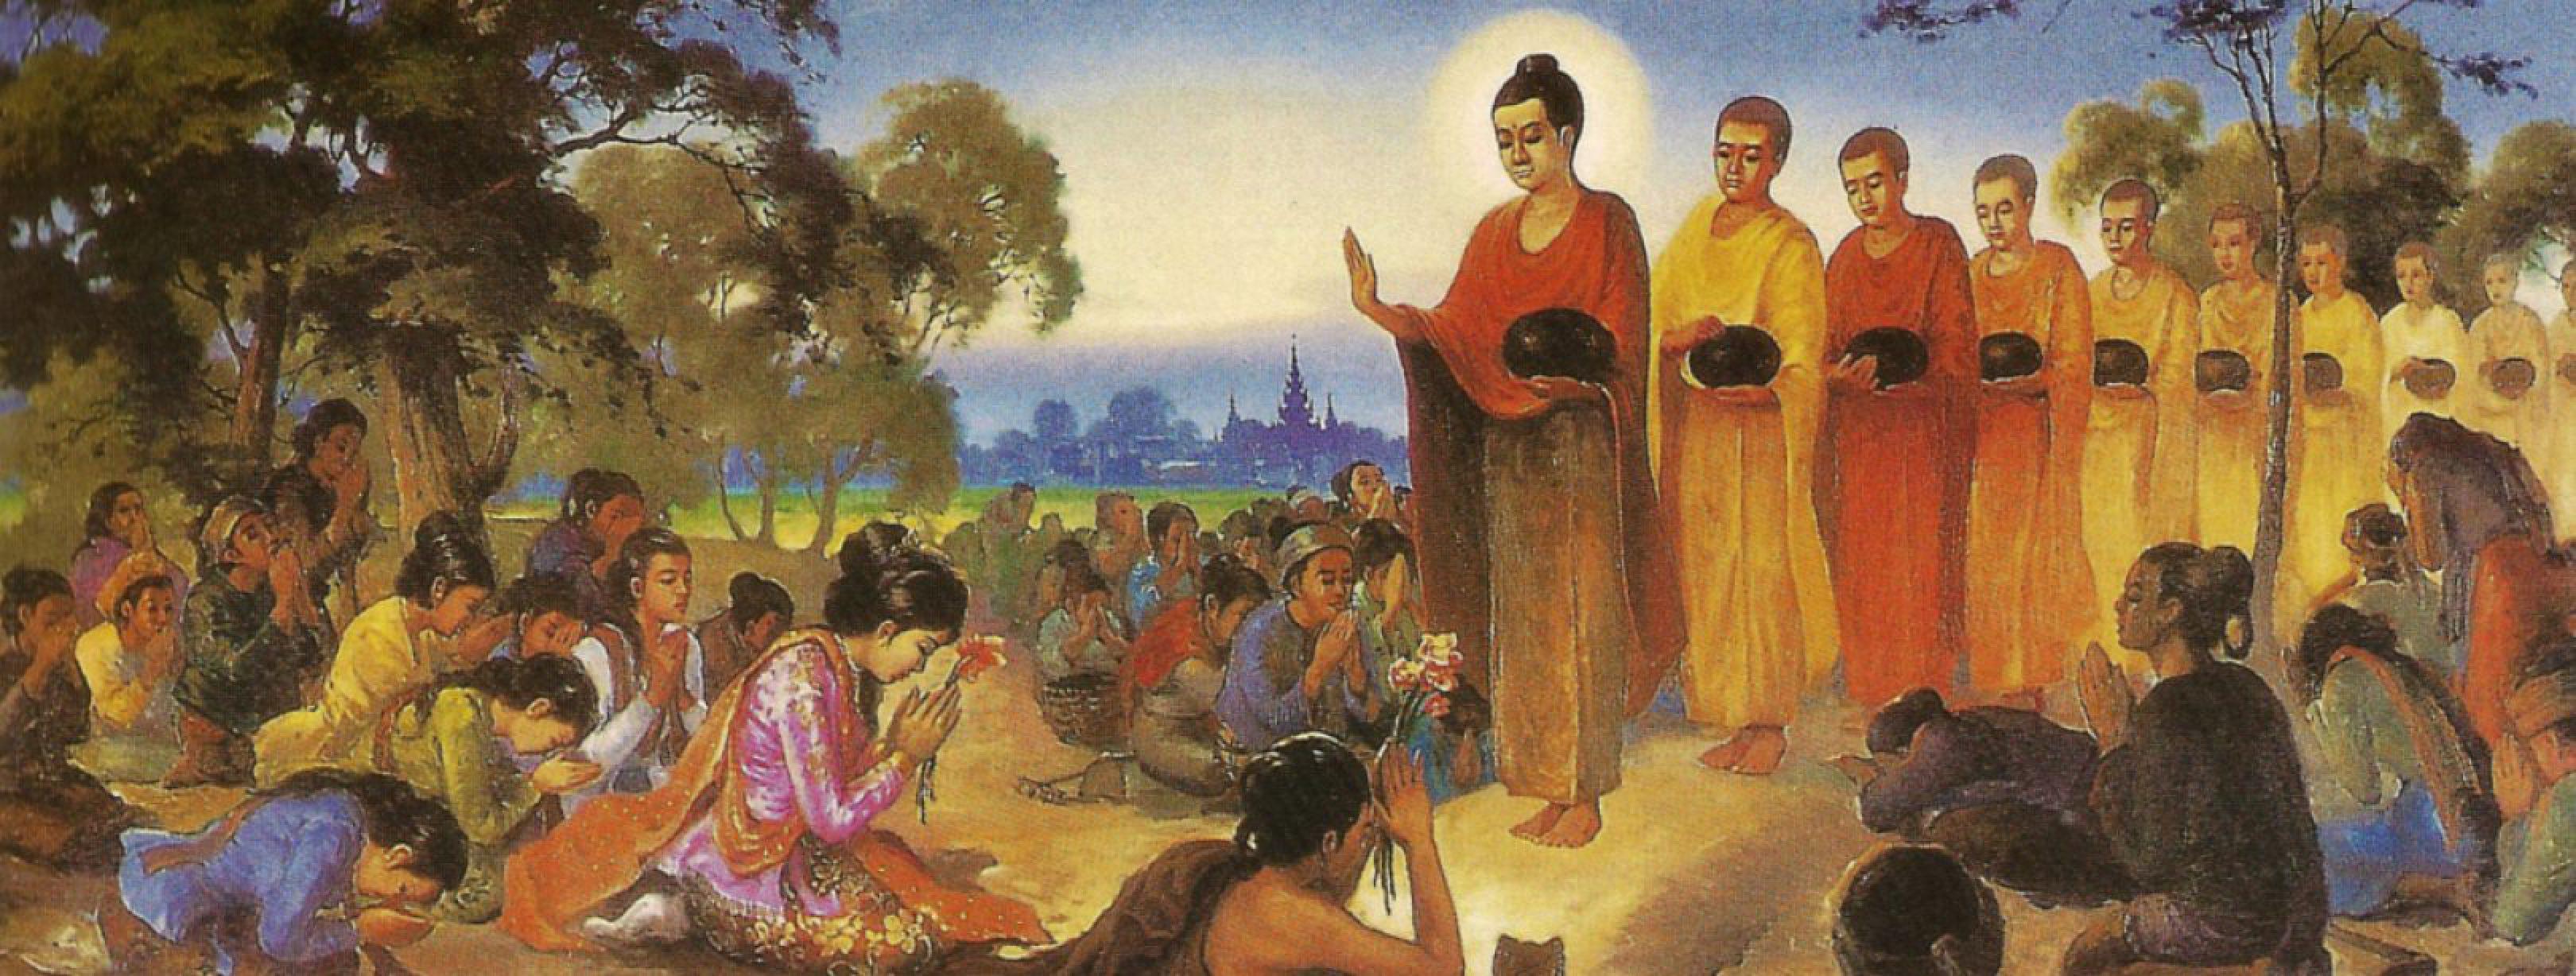 Misbruik boeddhisme